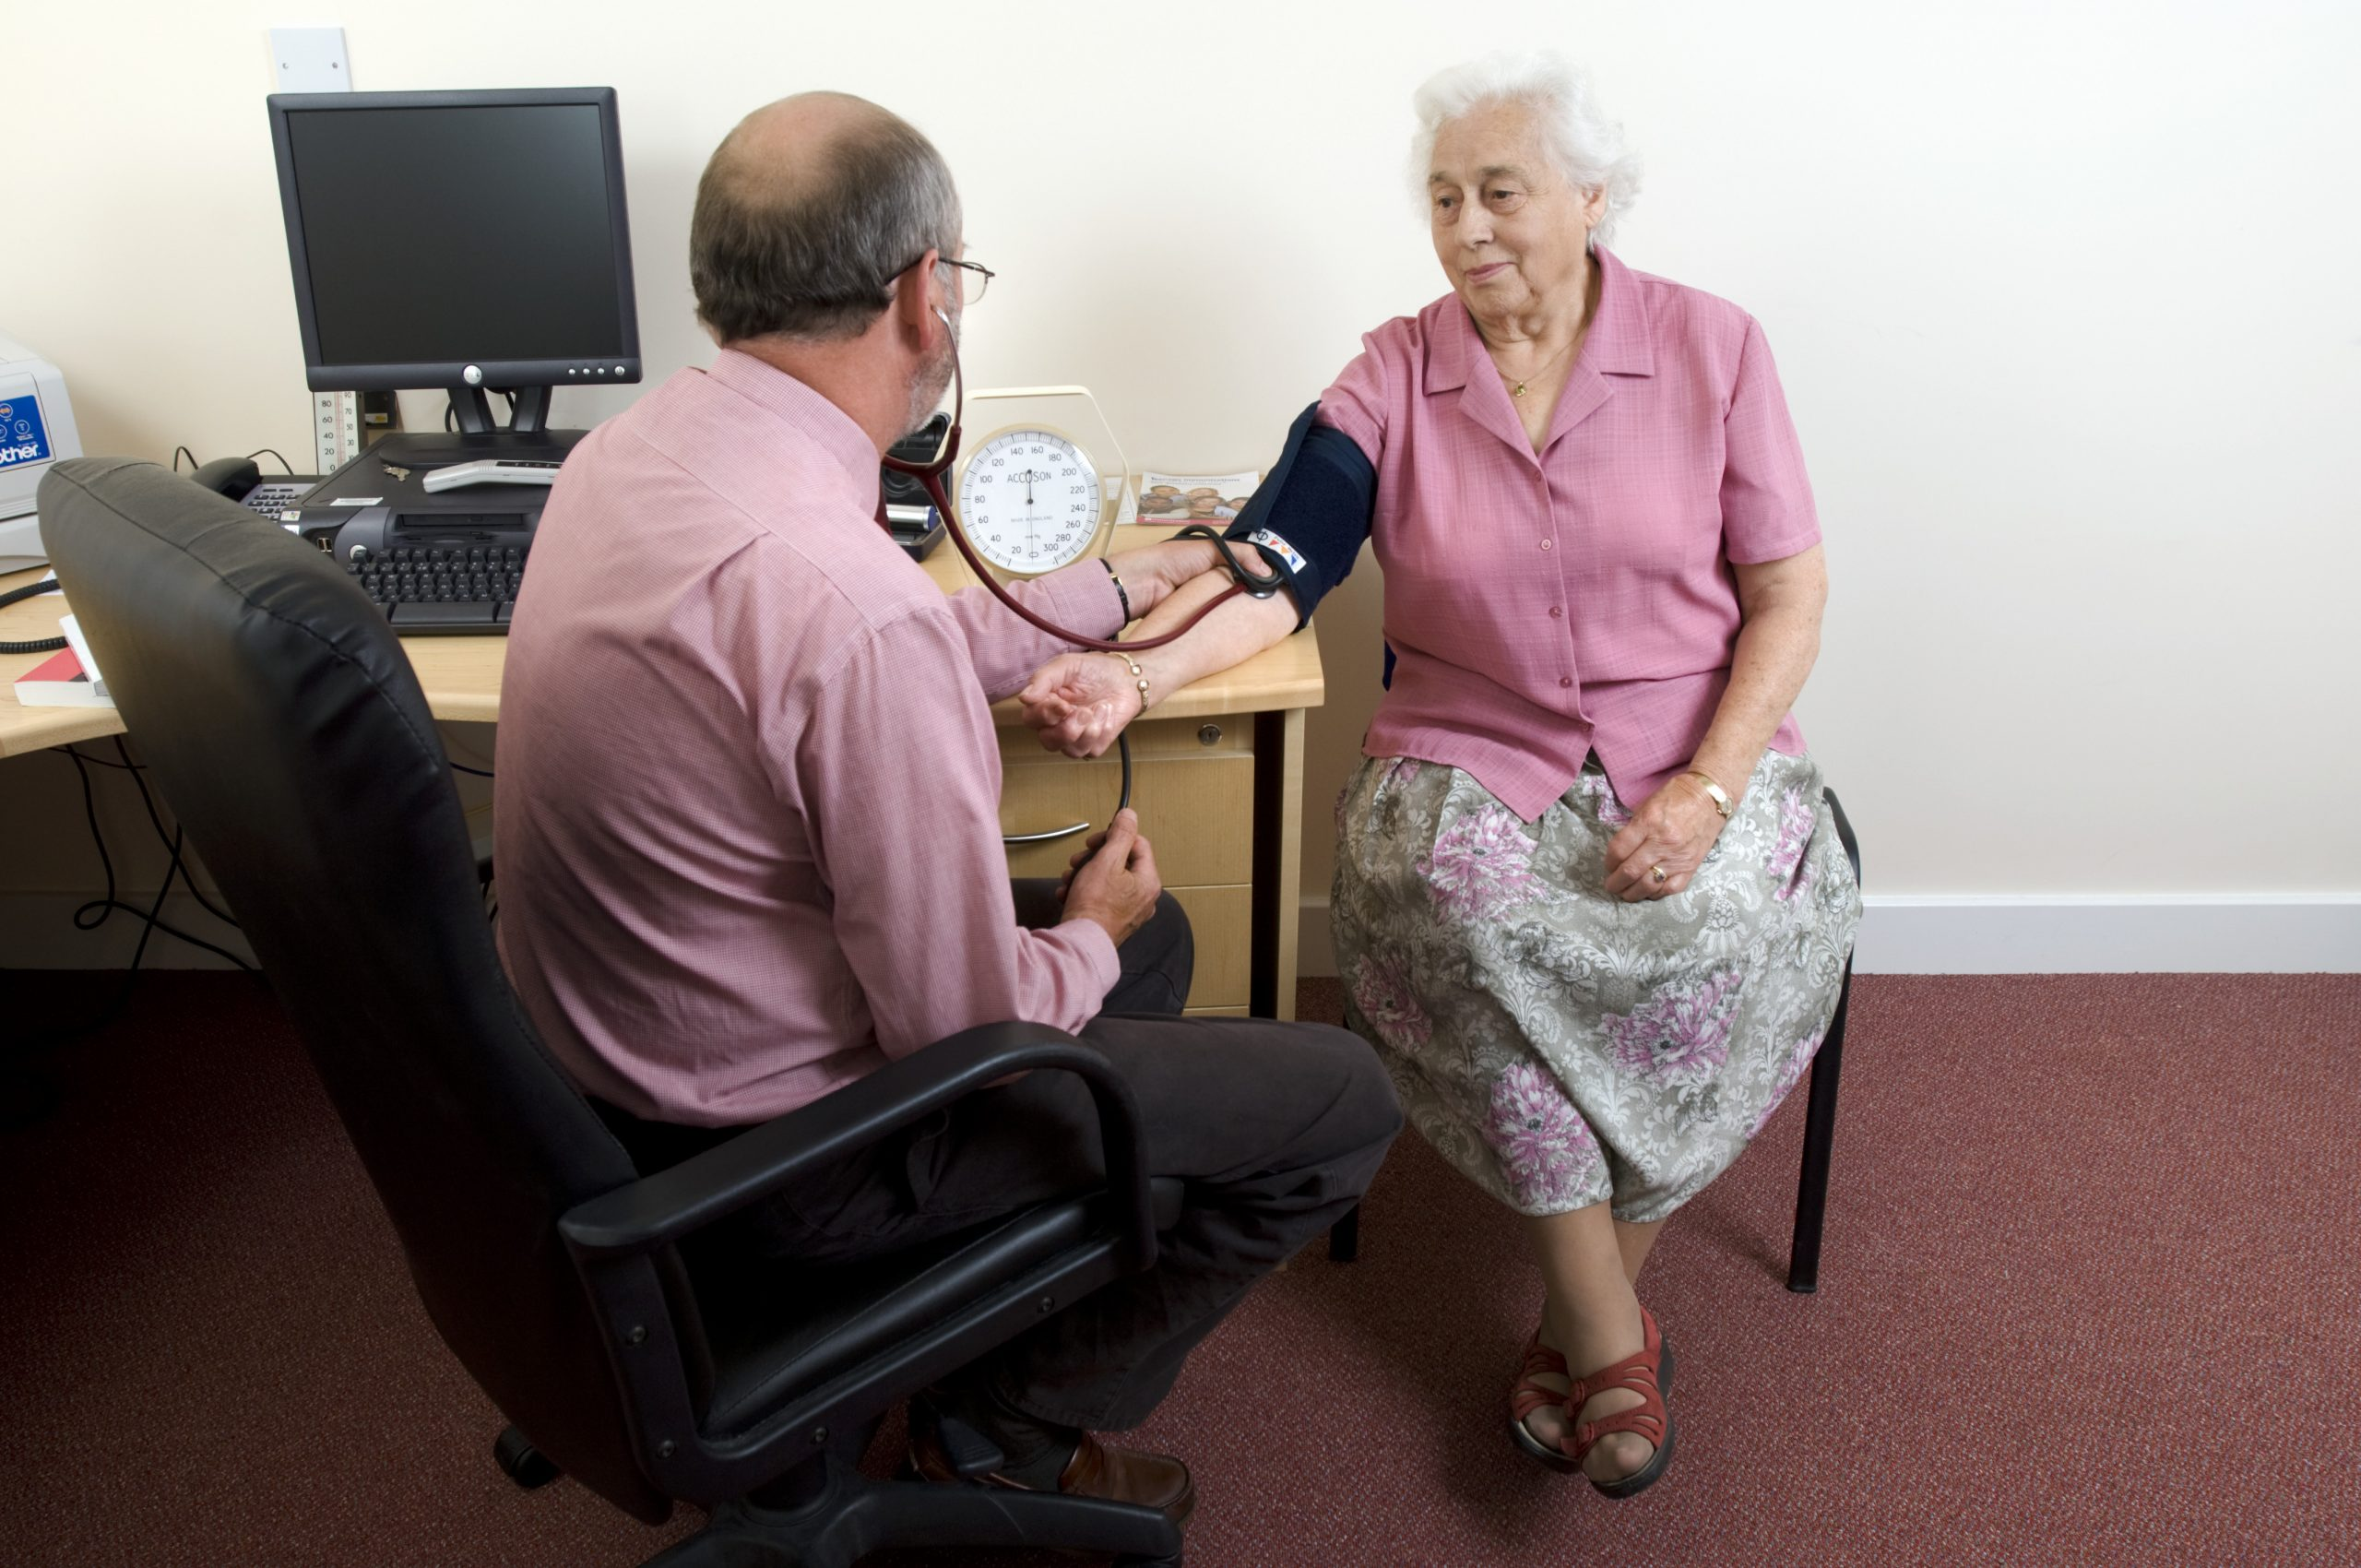 Lordén presentó propuesta para realizar el seguimiento de pacientes con patologías crónicas